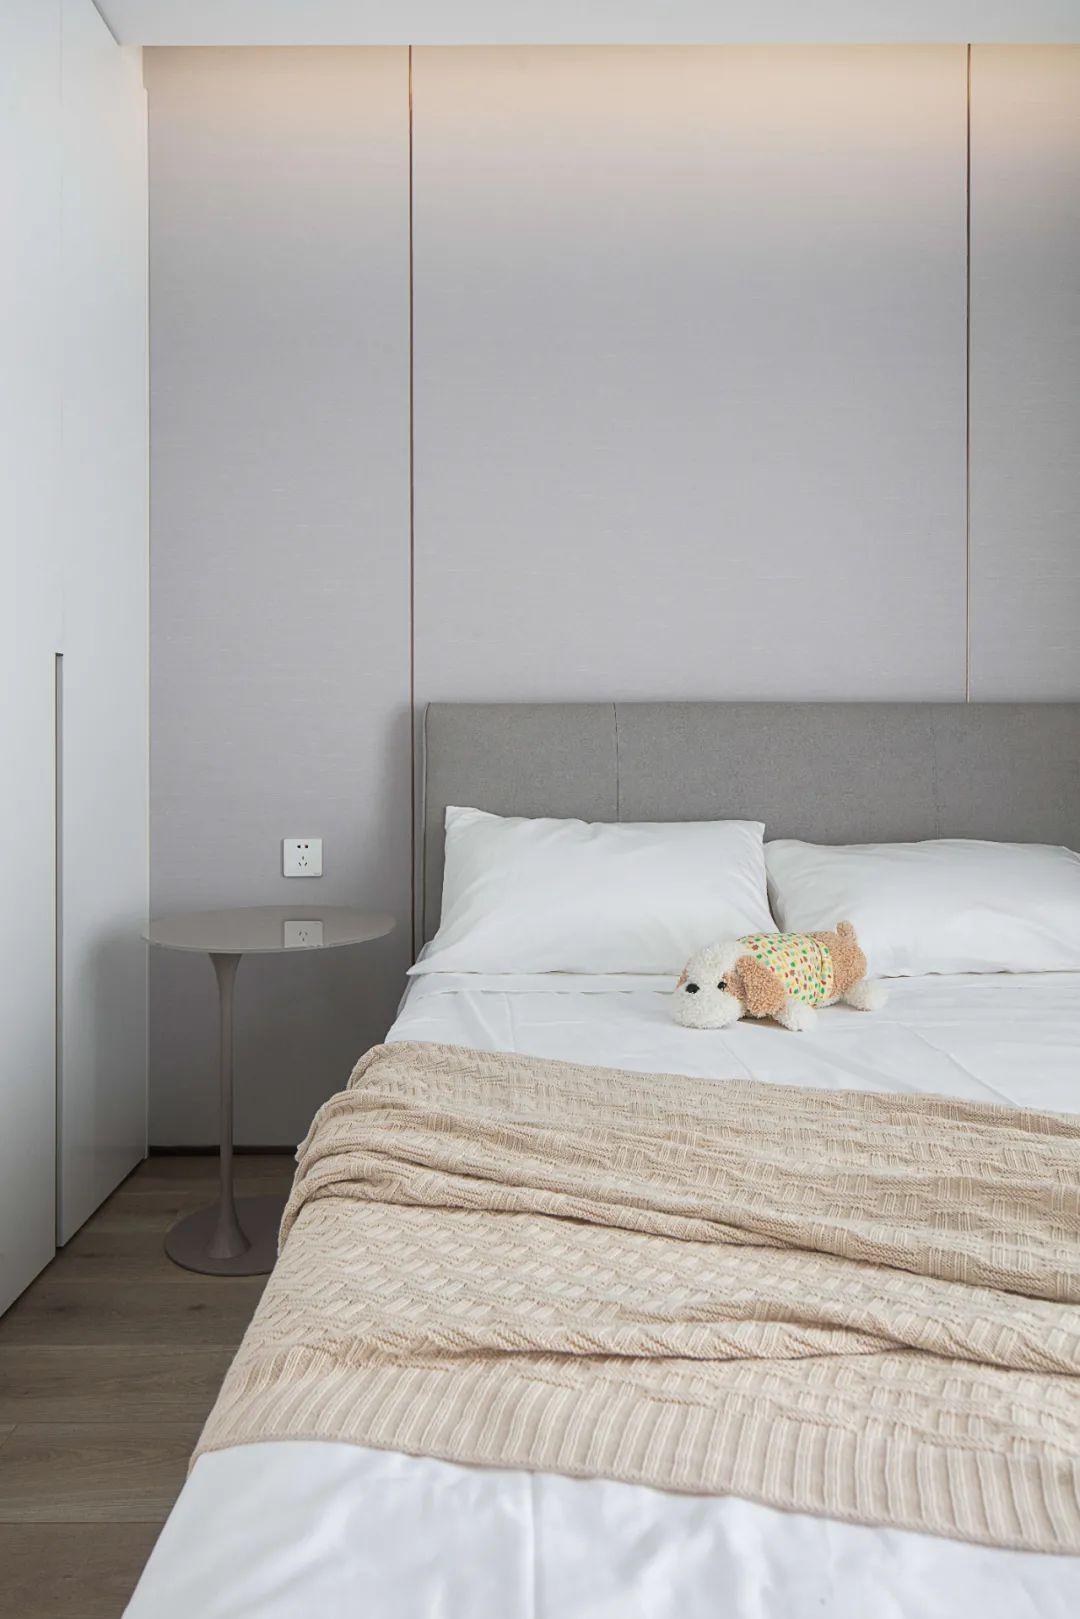 裸墙的自然肌理,归于至简的格调家居